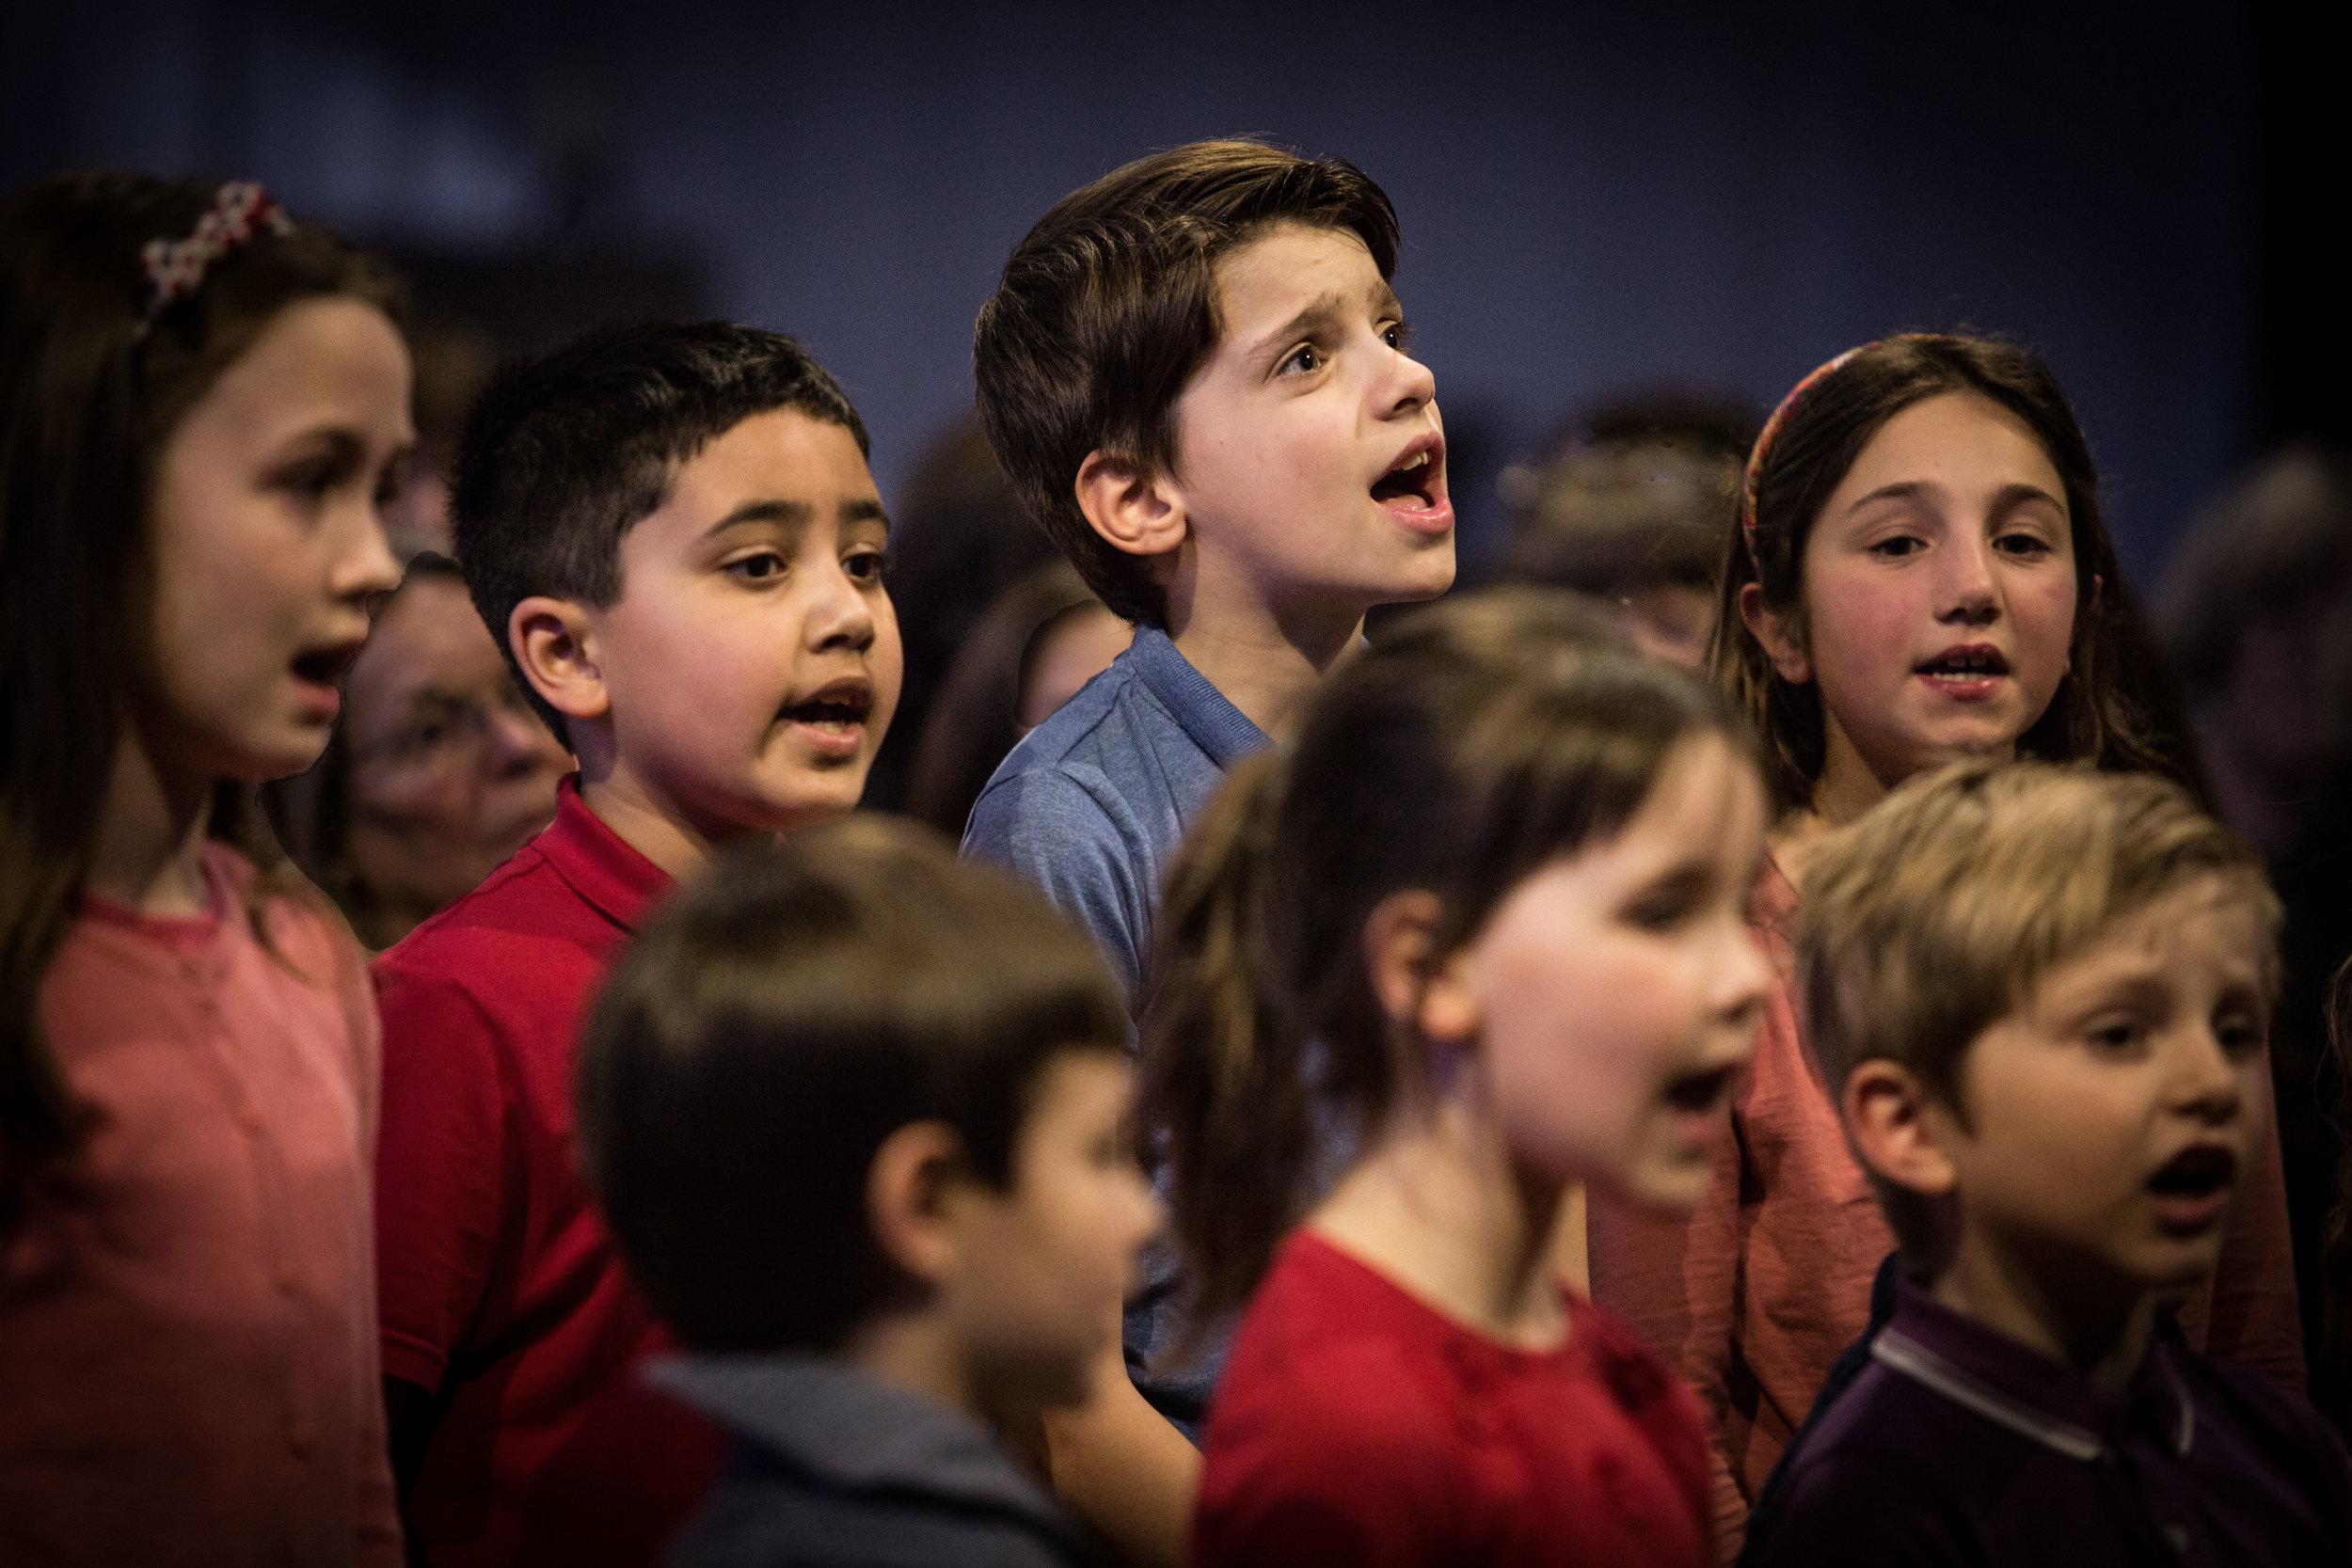 CHILDREN'S CHOIR — Primrose Hill Choirs